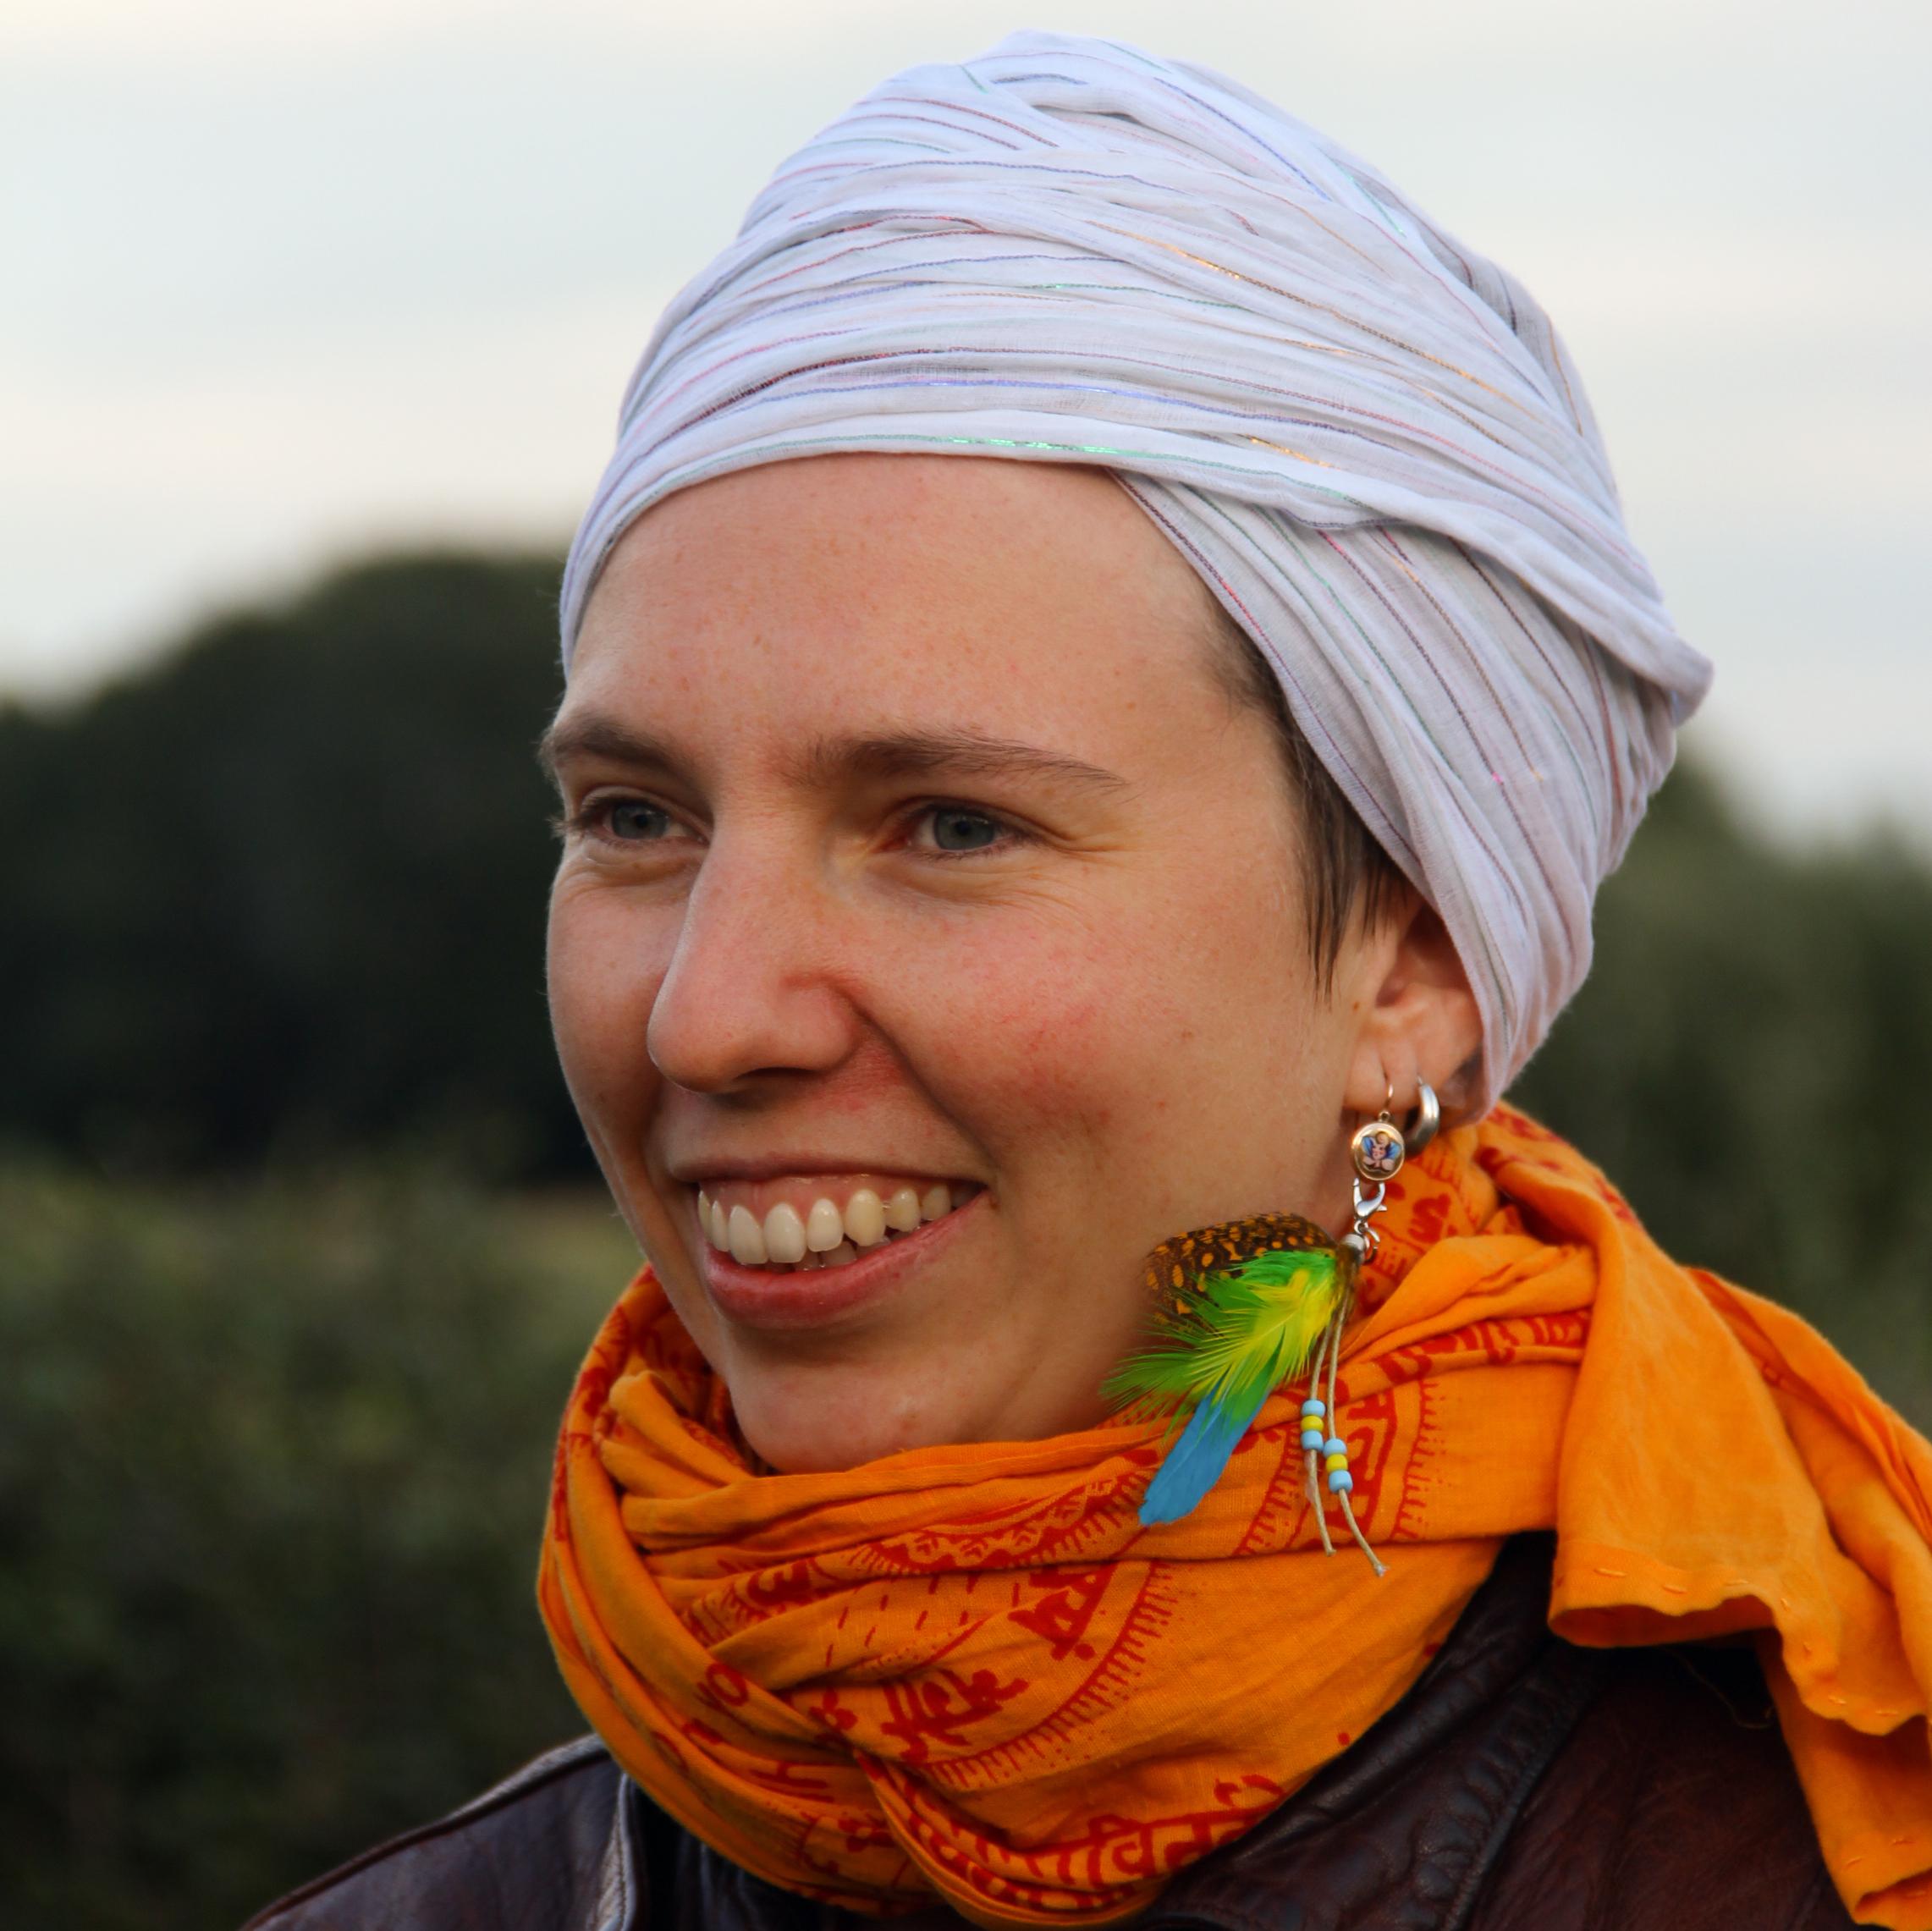 Chiara van der Berg